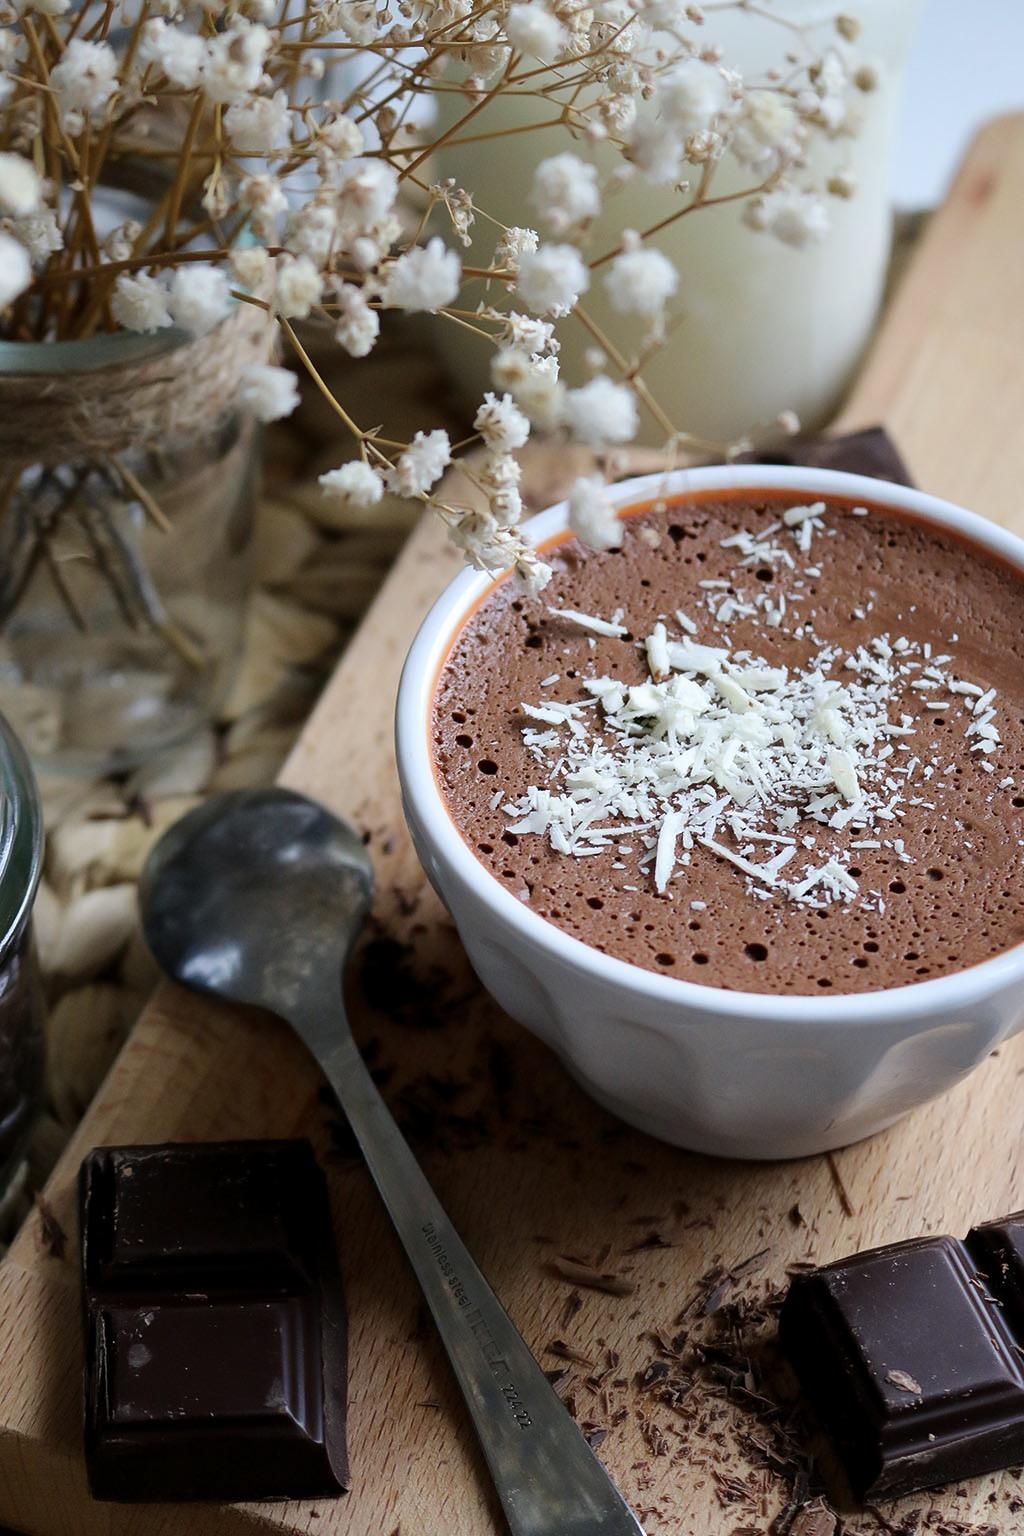 mousse au chocolat vegan rezepte suchen. Black Bedroom Furniture Sets. Home Design Ideas